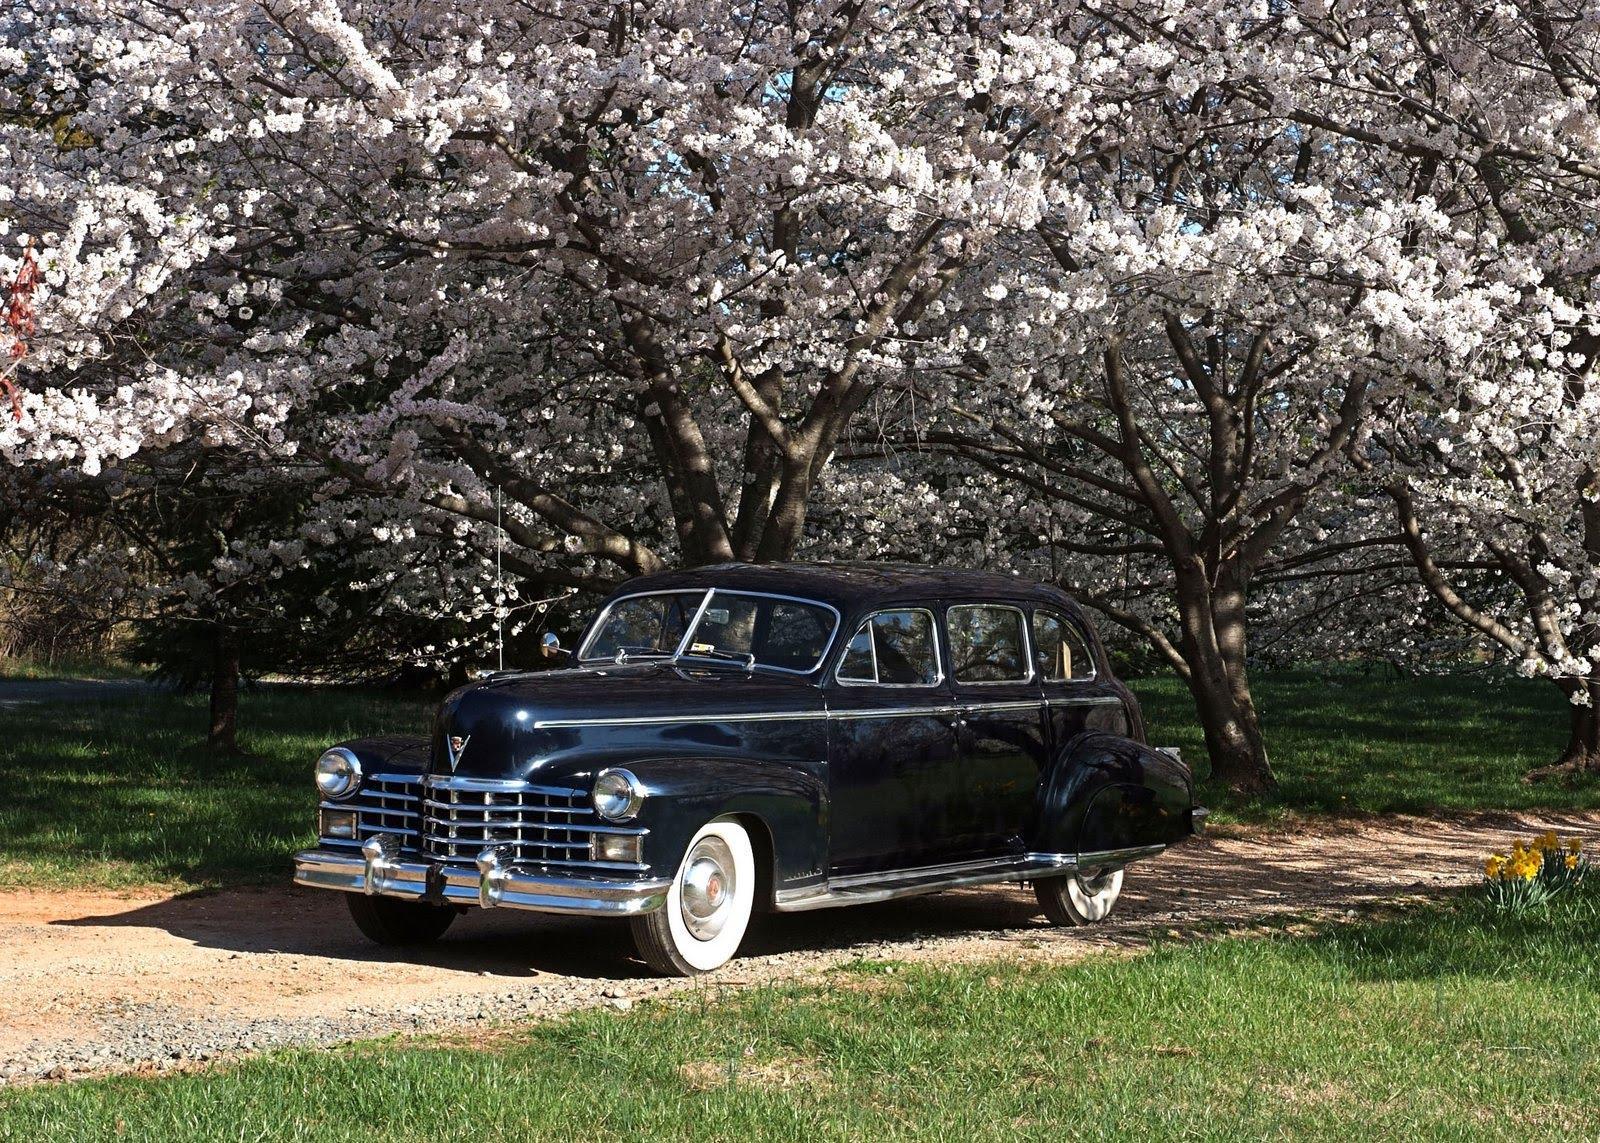 blue 1948 Cadillac.